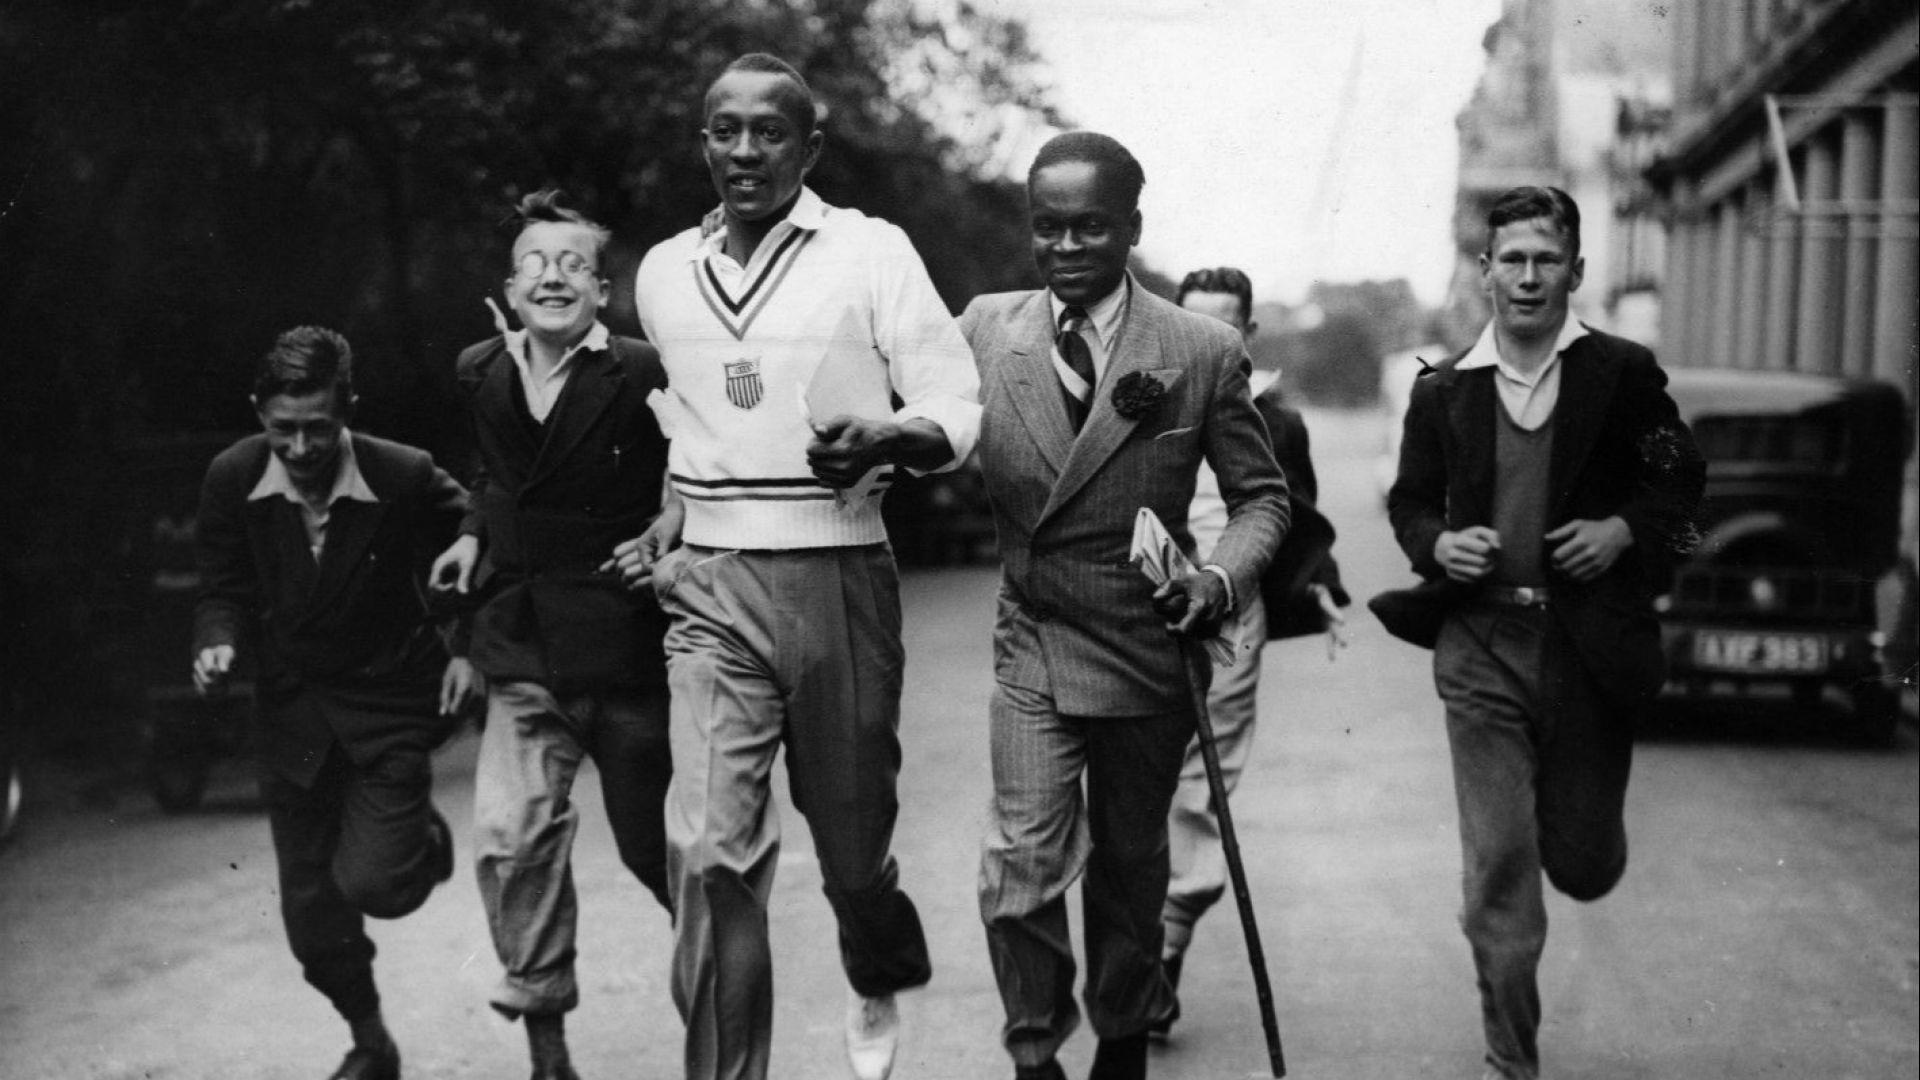 Популярността му в Америка е огромна в годините преди Втората световна война. Снимка: Getty Images